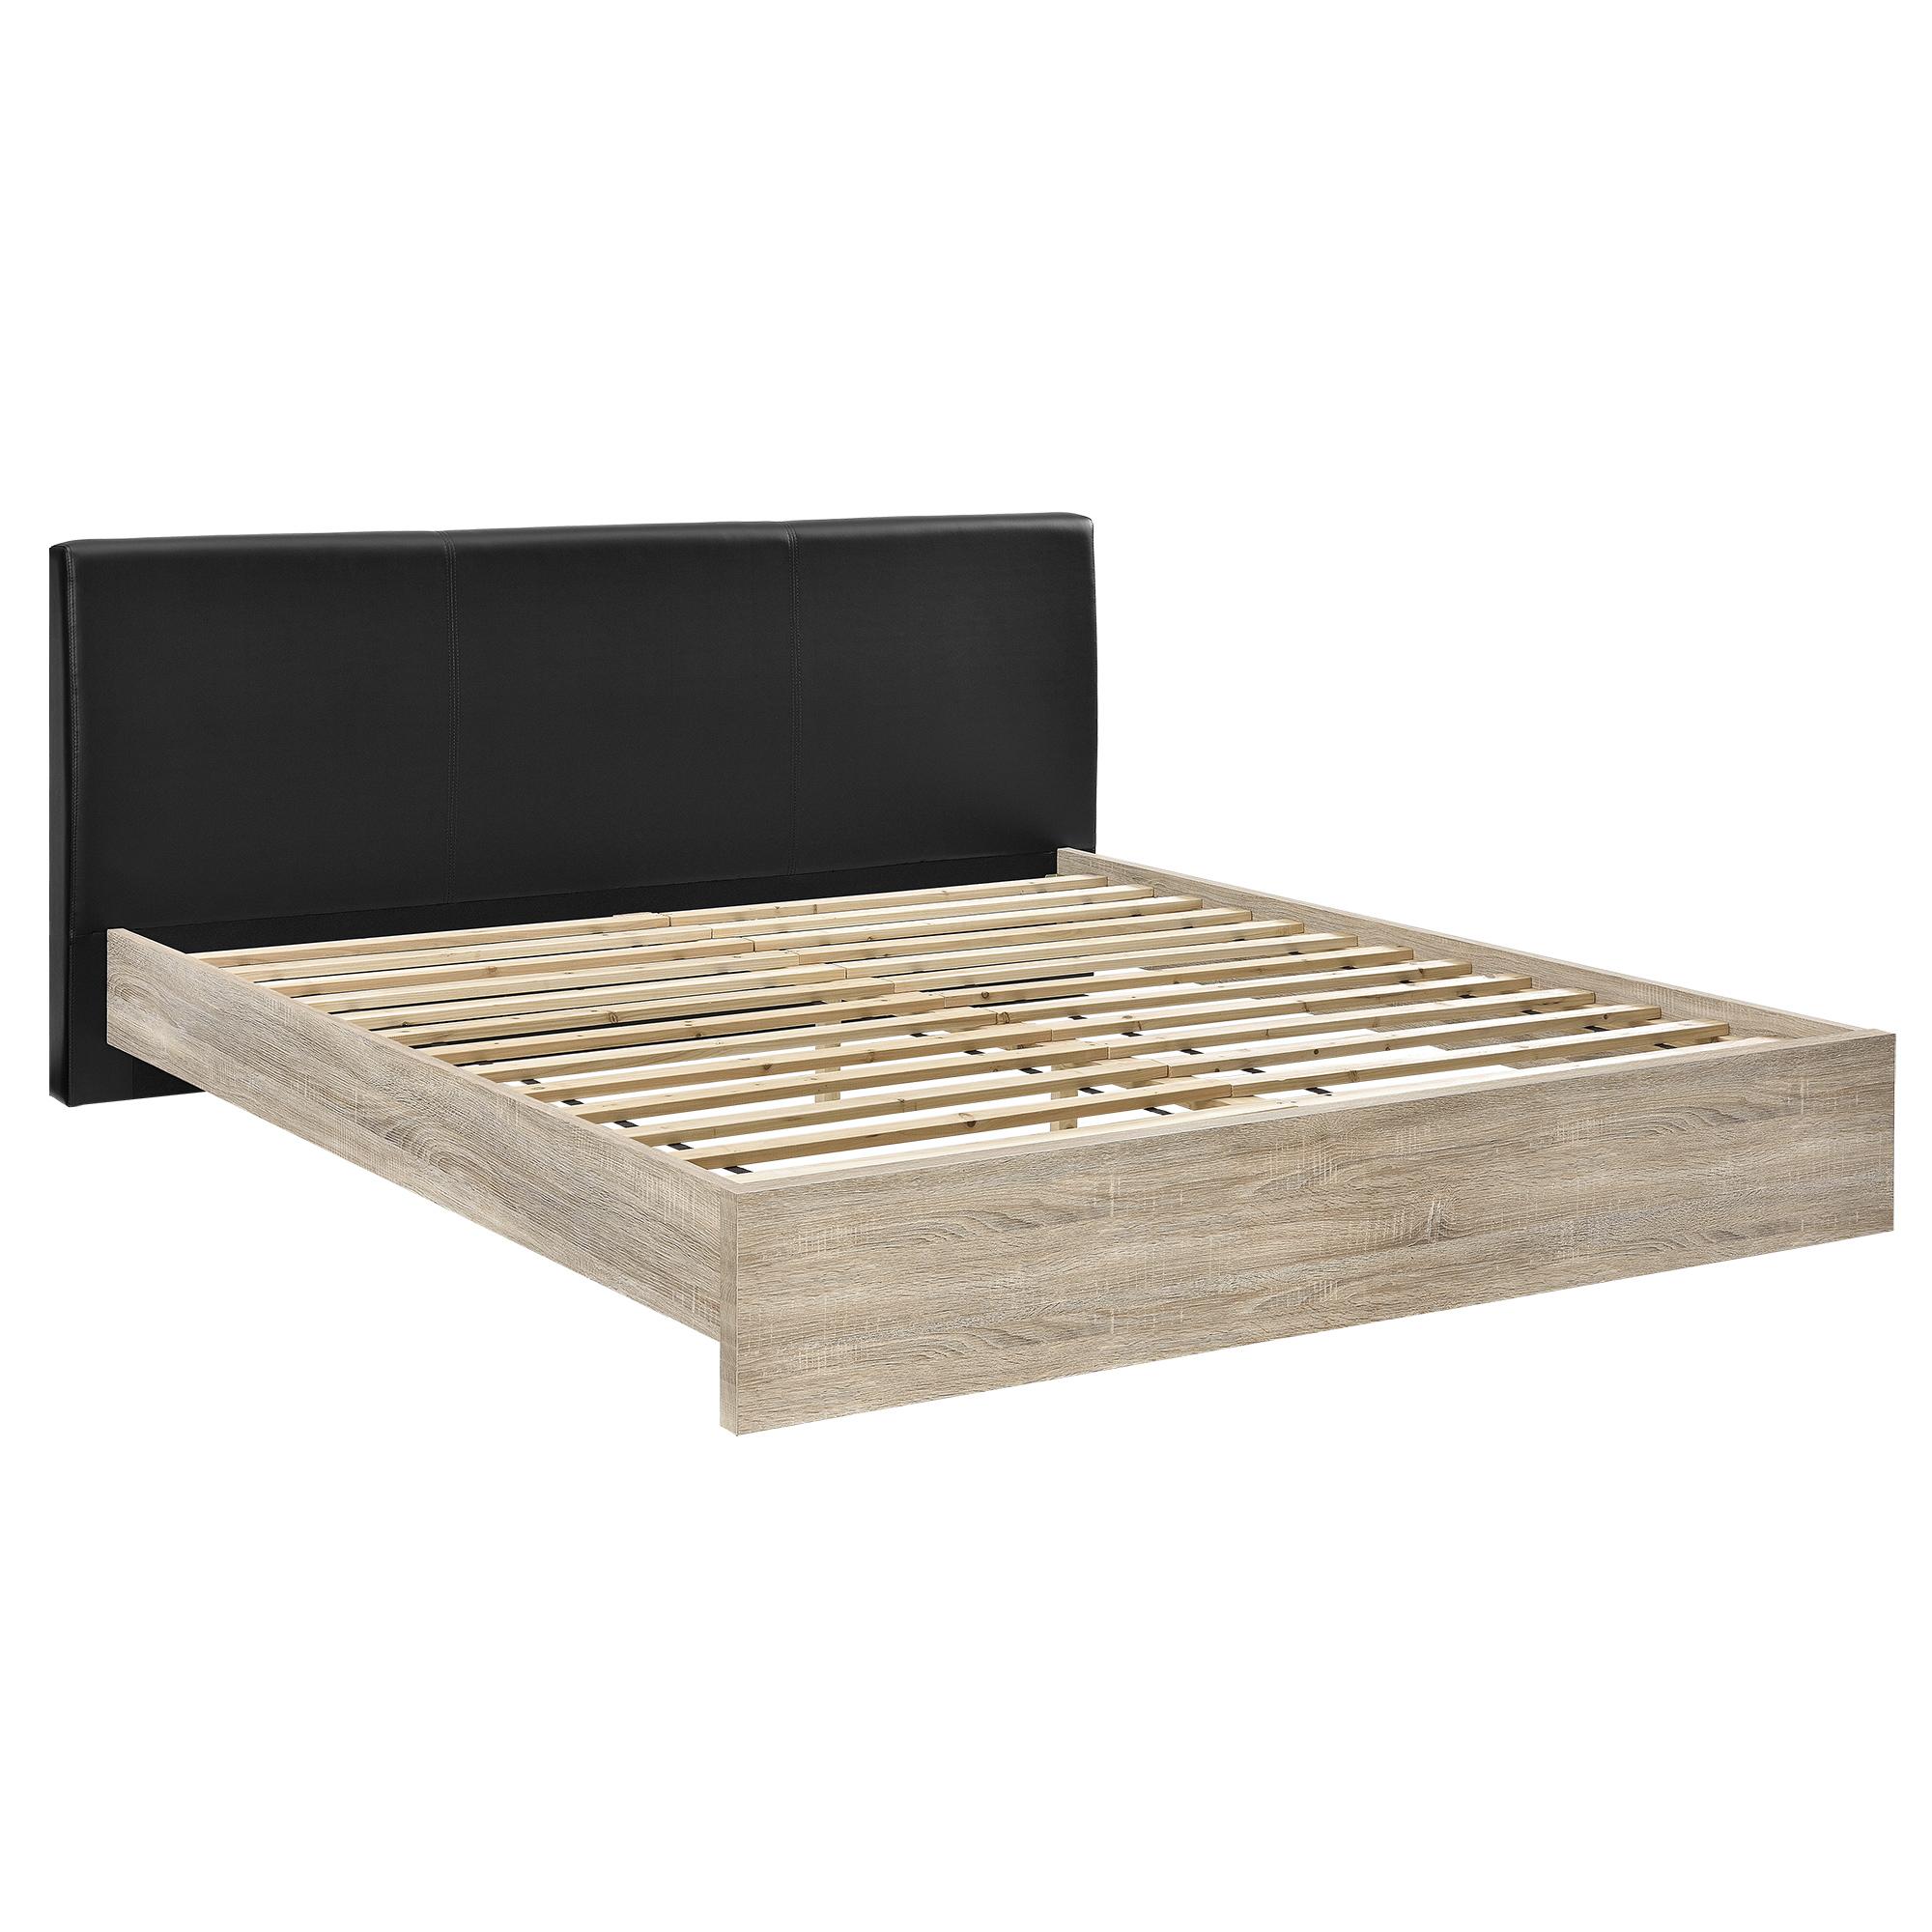 en.casa] Cama doble tapizada cuero sintético 180x200cm, madera ...